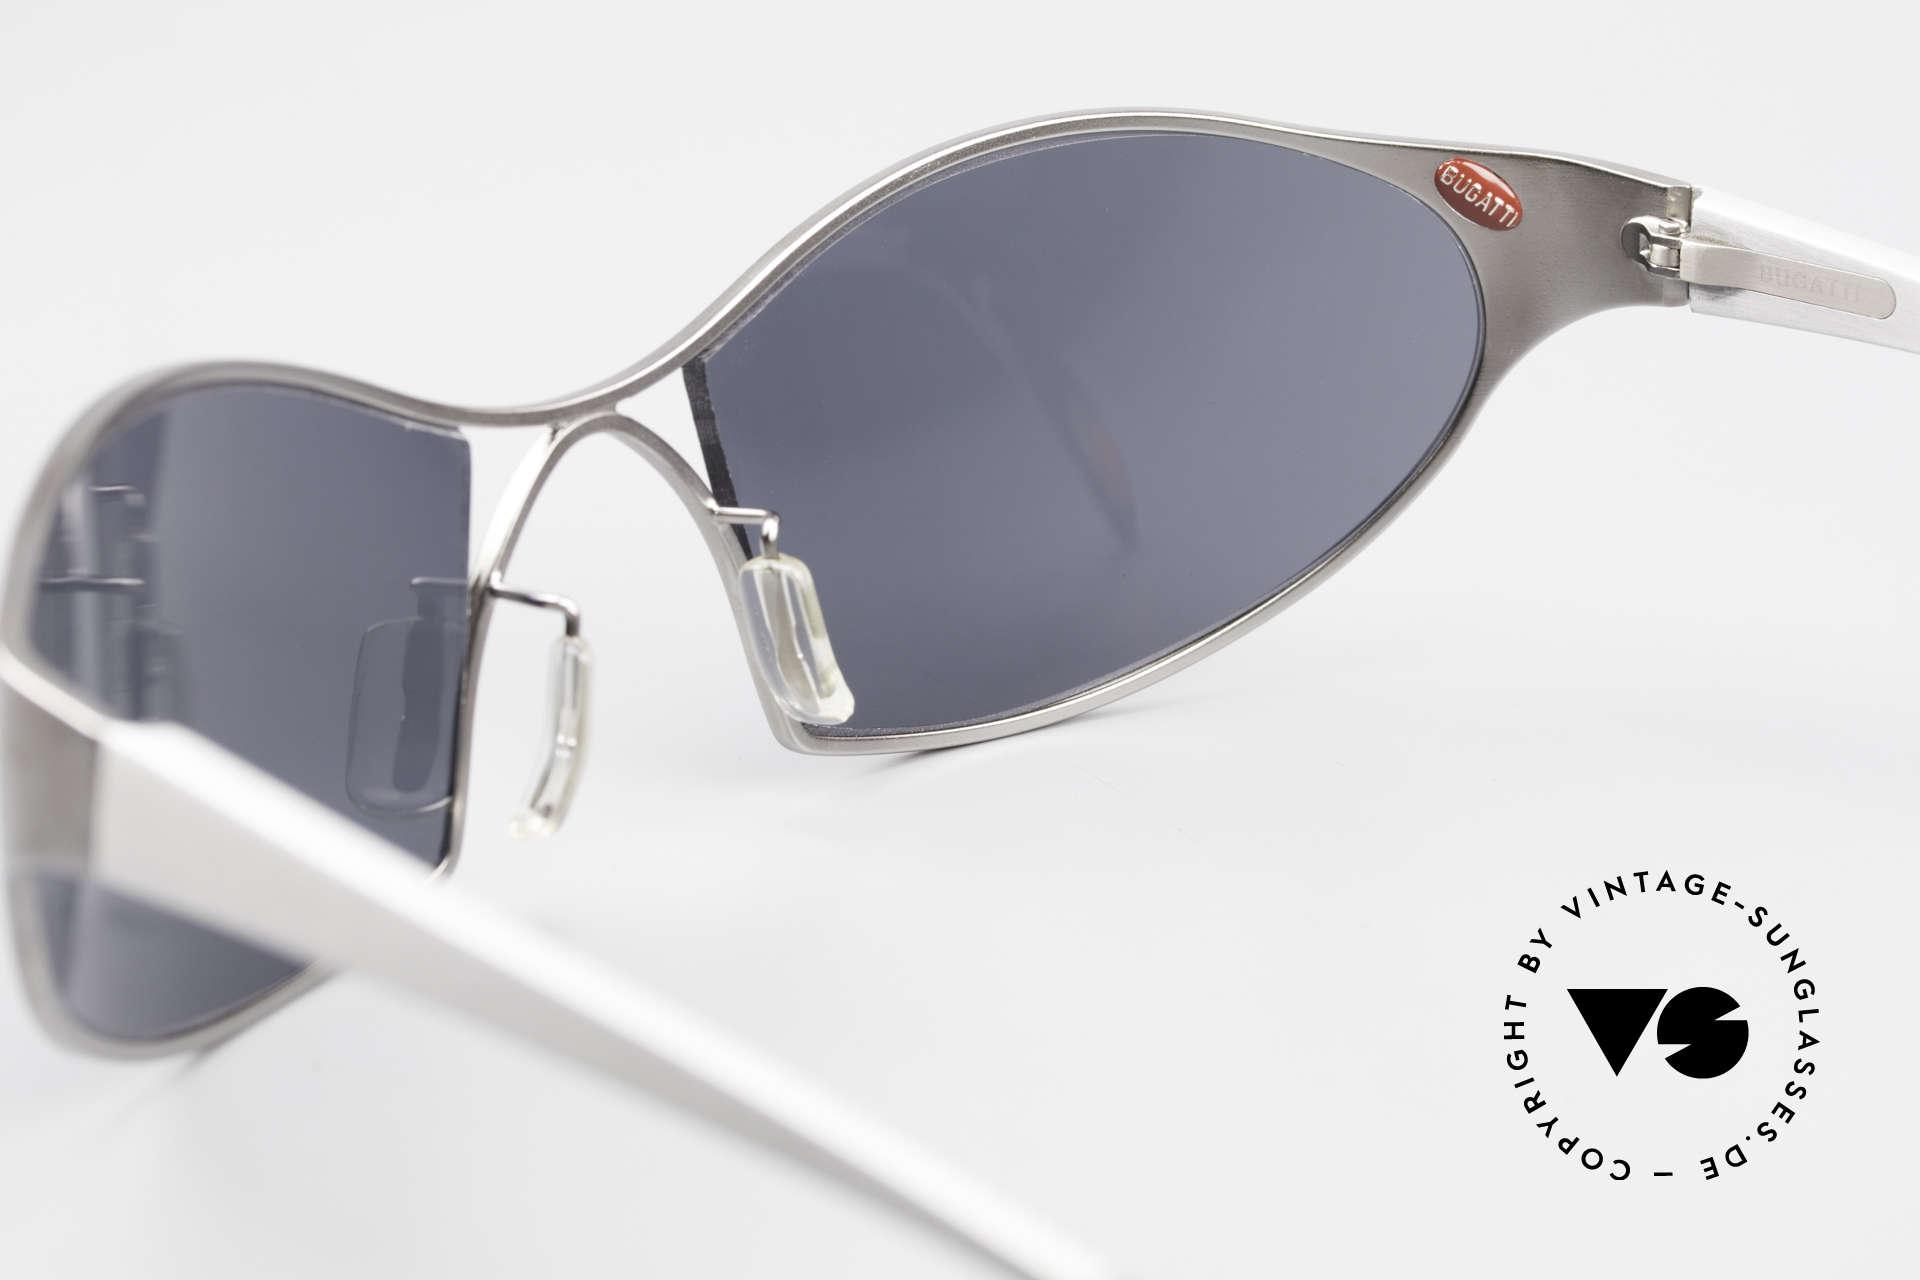 Bugatti 368 Odotype Sportliche Herren Sonnenbrille, eine seltene Bugatti Originalbrille mit Etui, Passend für Herren